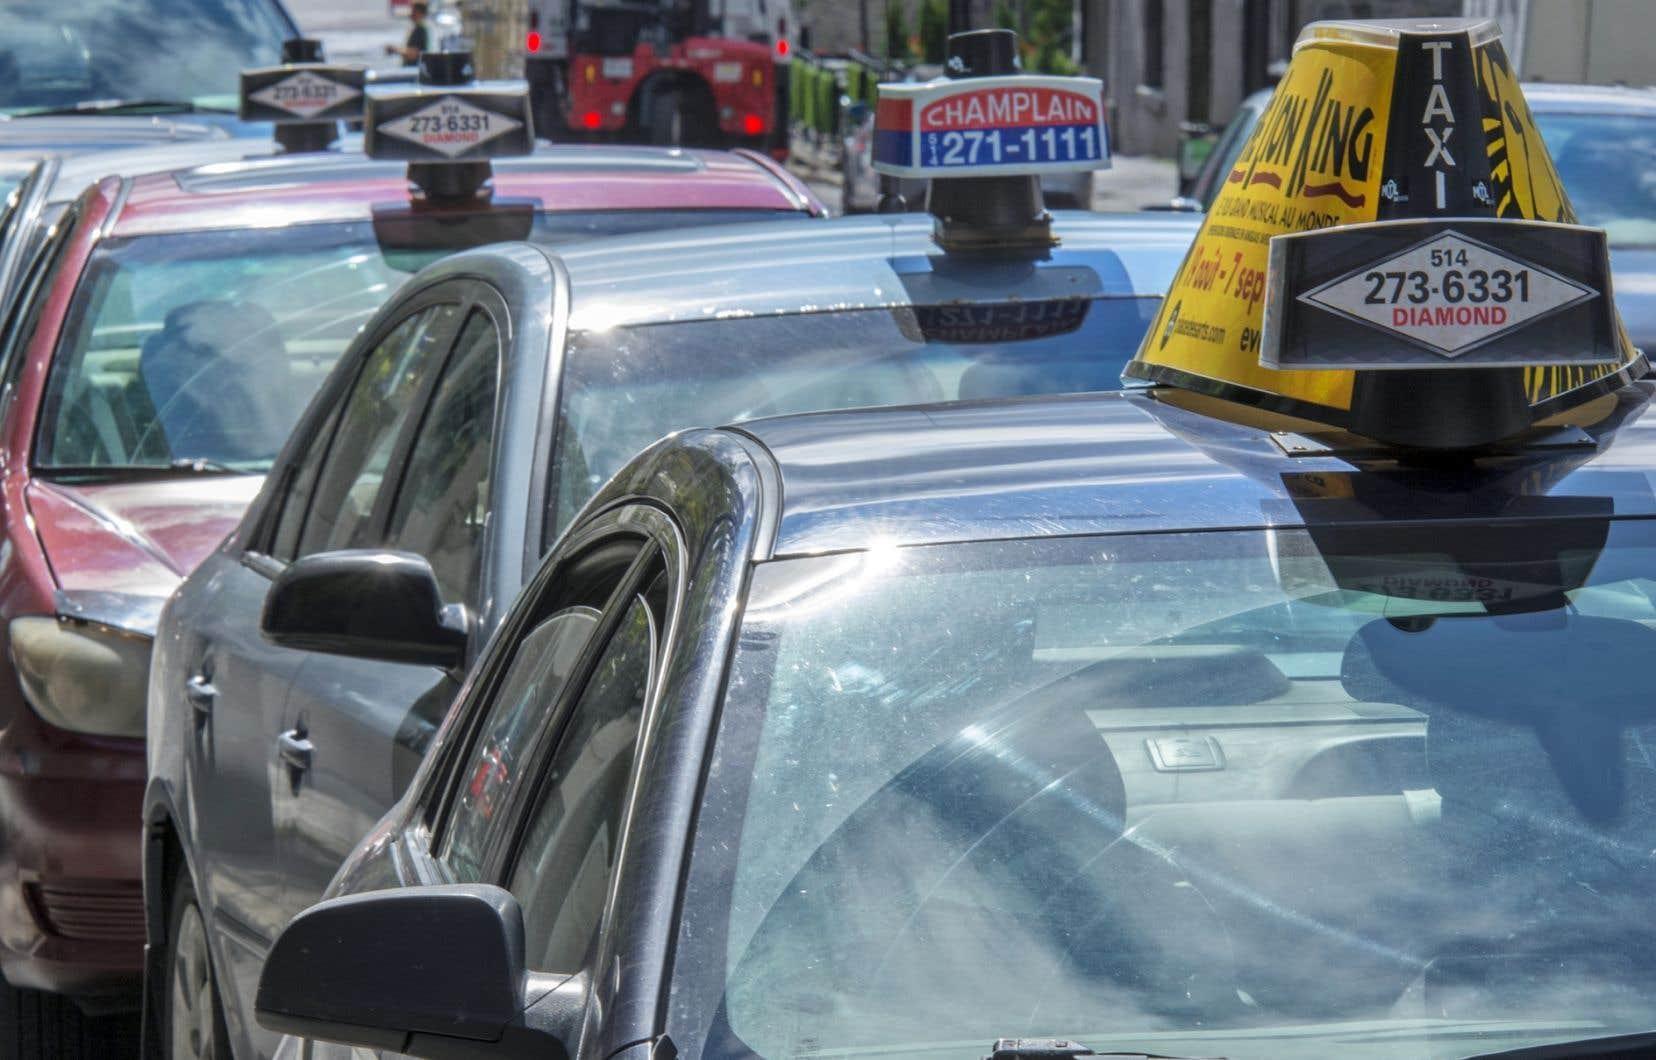 La nouvelle politique prévoit une série de mesures qui permettront de rendre les véhicules plus sécuritaires pour les chauffeurs, tout en accroissant la qualité du service.